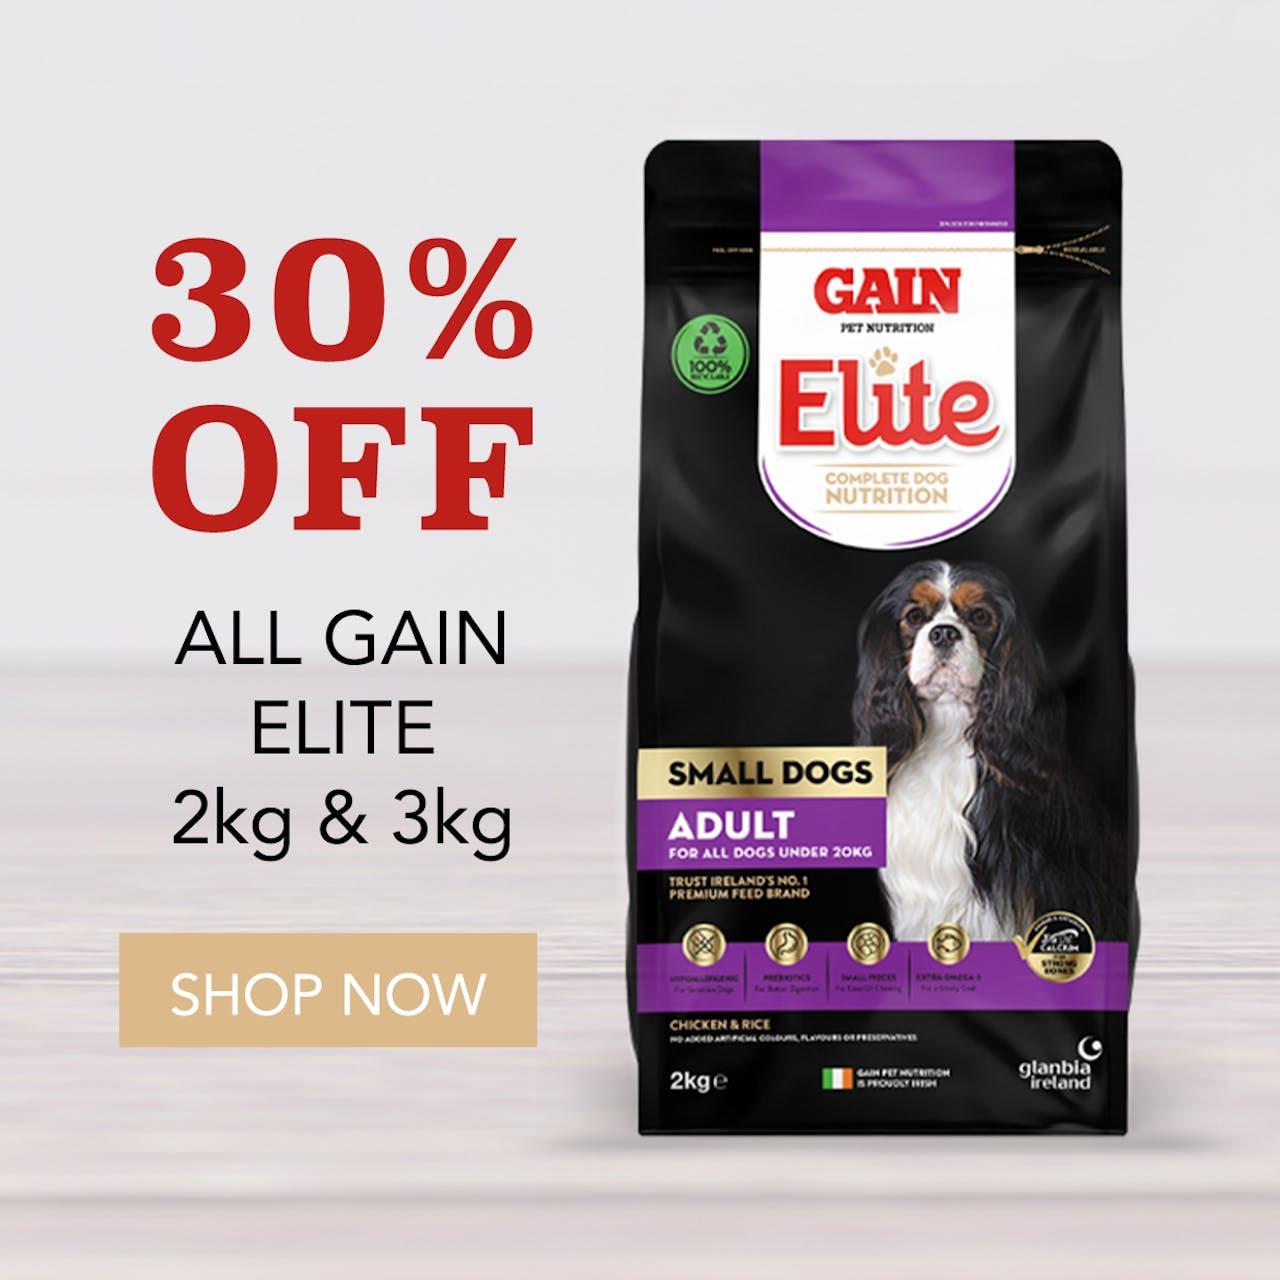 Gain Elite - 30% OFF 2 & 3kg